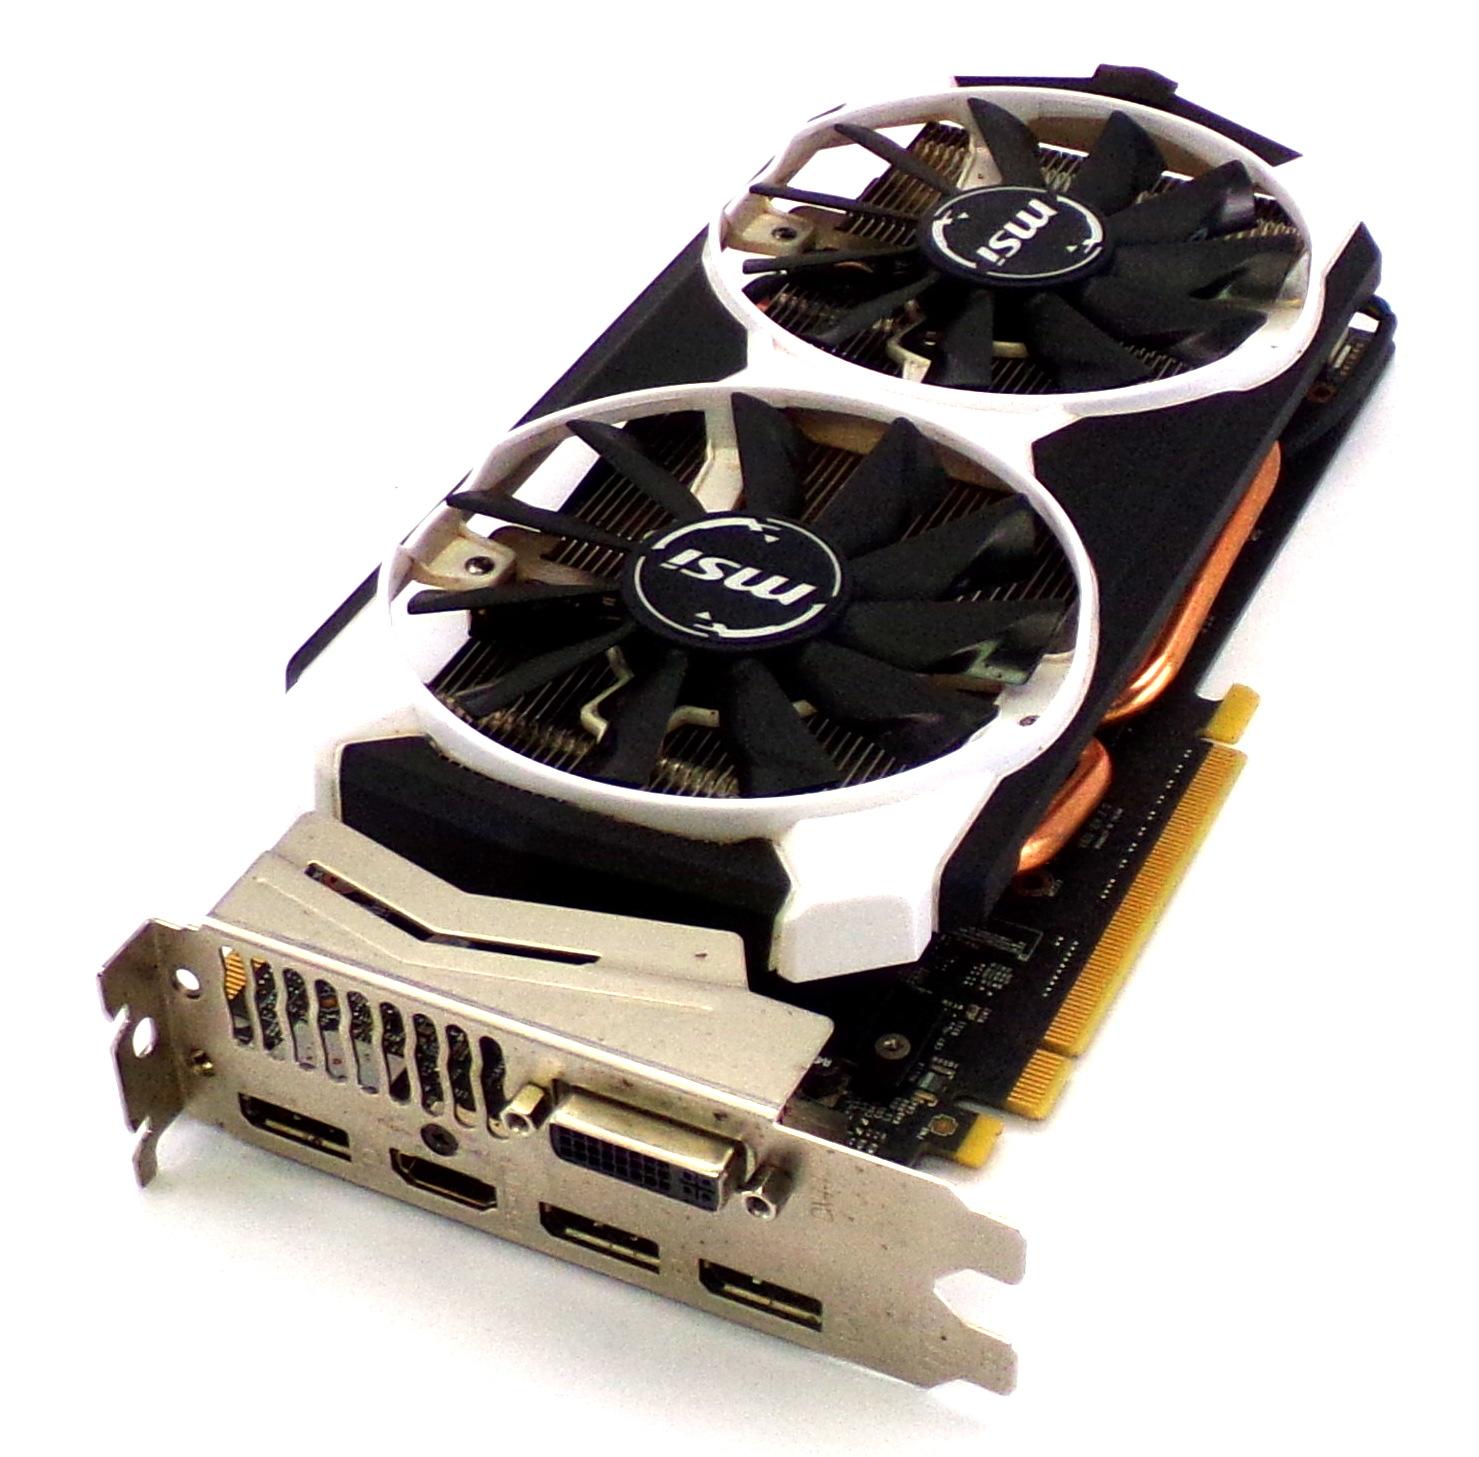 602-V320 MSI GeForce GTX 960 PCIe 4GB DDR5 Graphic Card